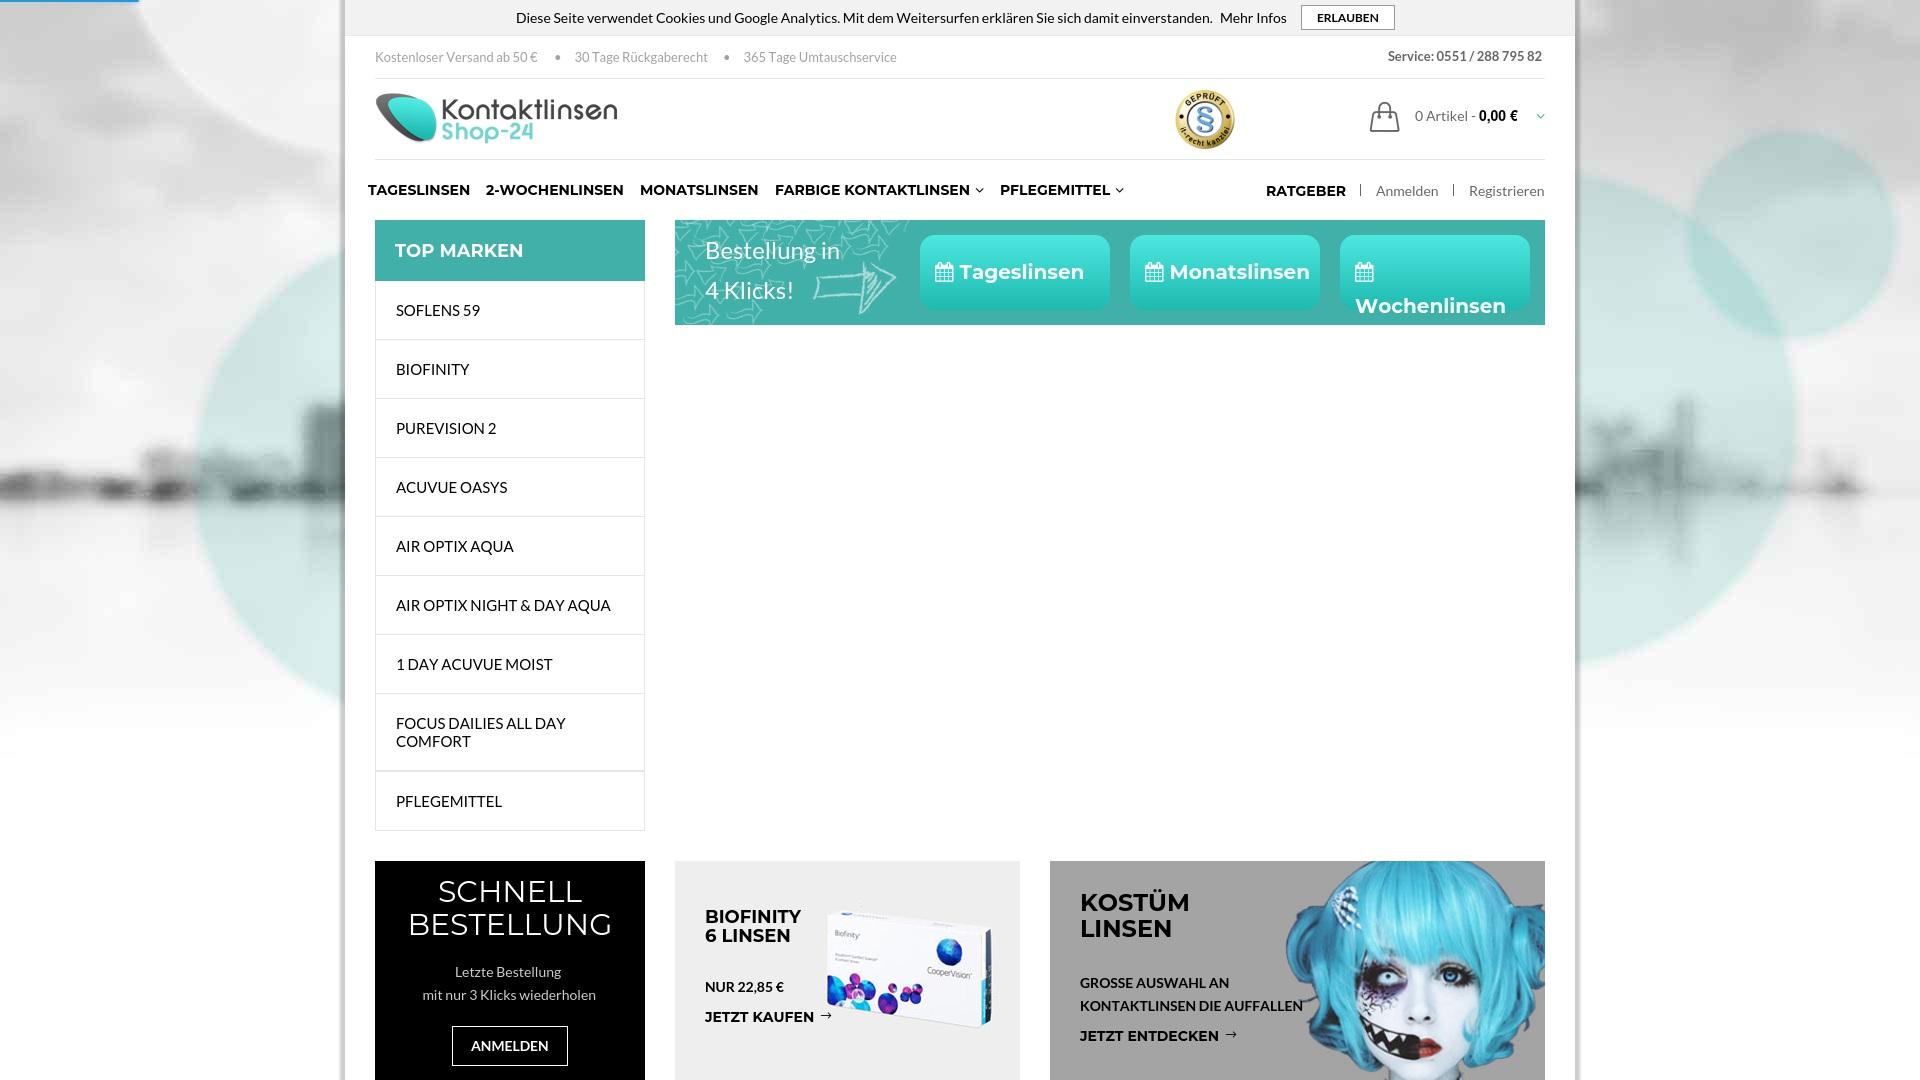 Gutschein für Kontaktlinsenshop-24: Rabatte für  Kontaktlinsenshop-24 sichern